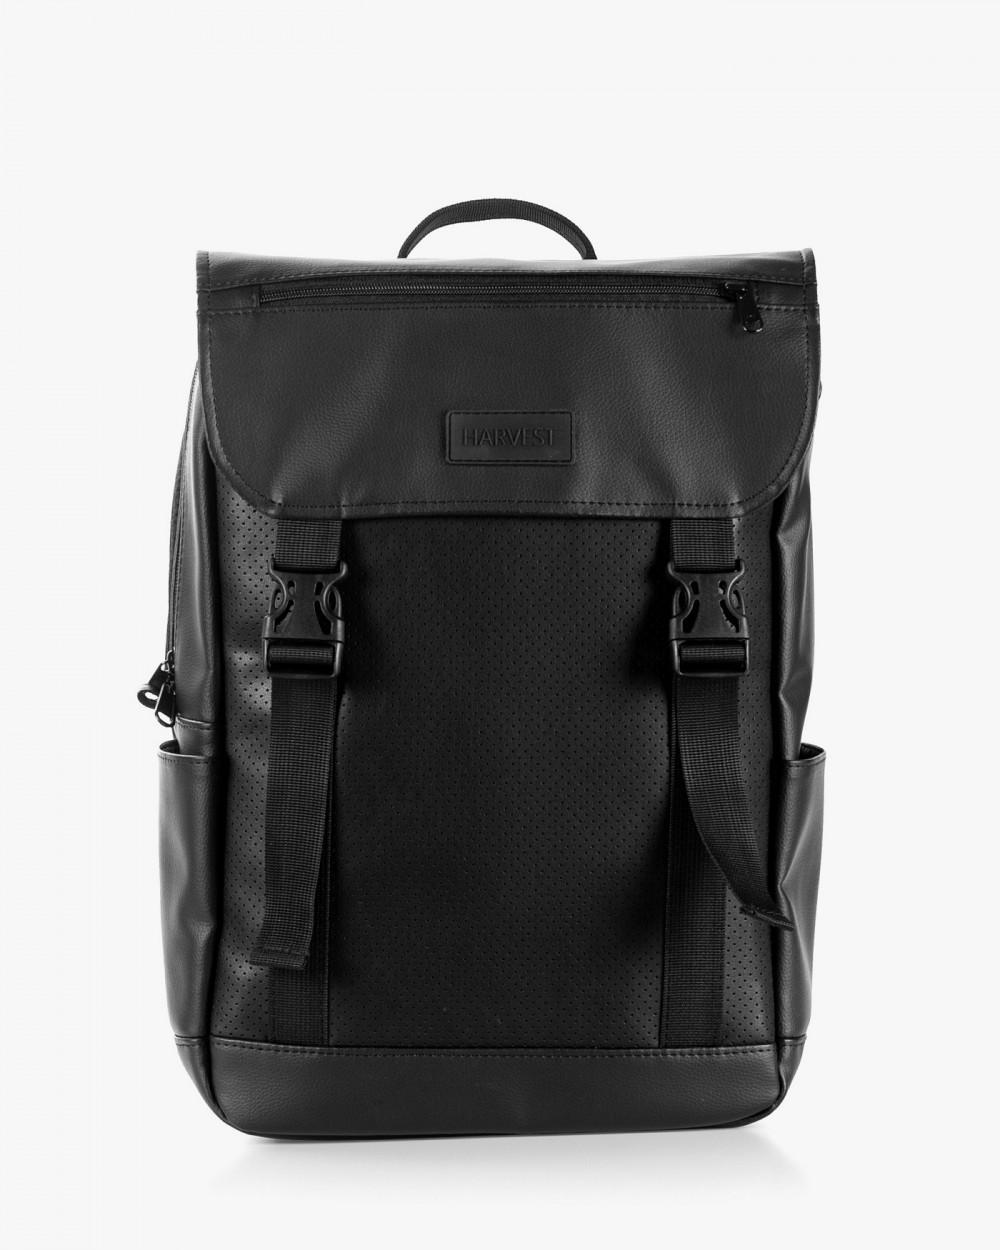 """Прочный мужской рюкзак """"UNIVERSAL MINI"""" черный, на 16л, сумка для ноутбука или планшета, повседневный"""